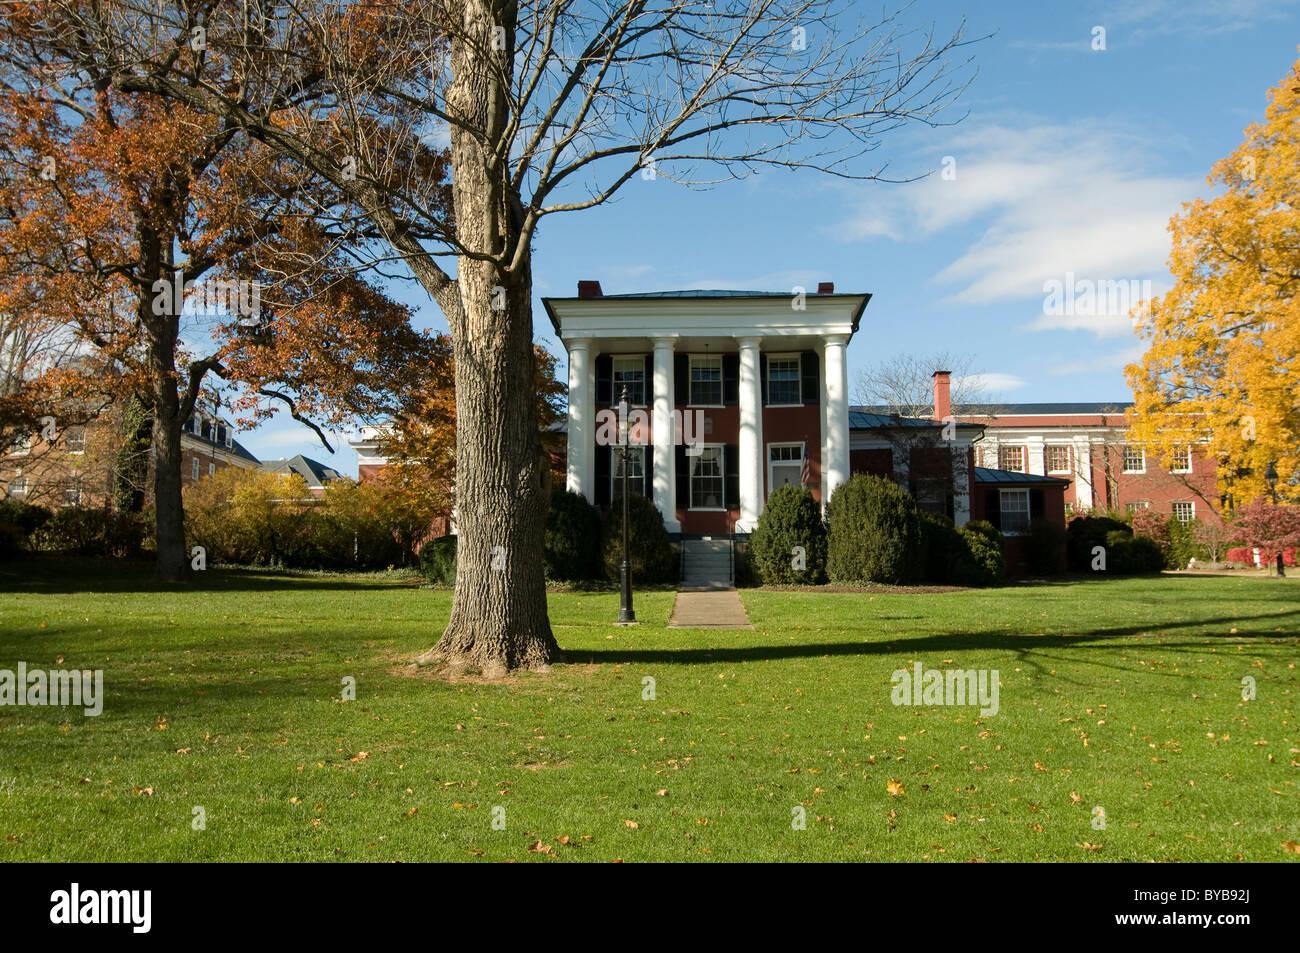 Campus of Washington and Lee University, Lexington, North Carolina, United States of America, Amerika Stock Photo